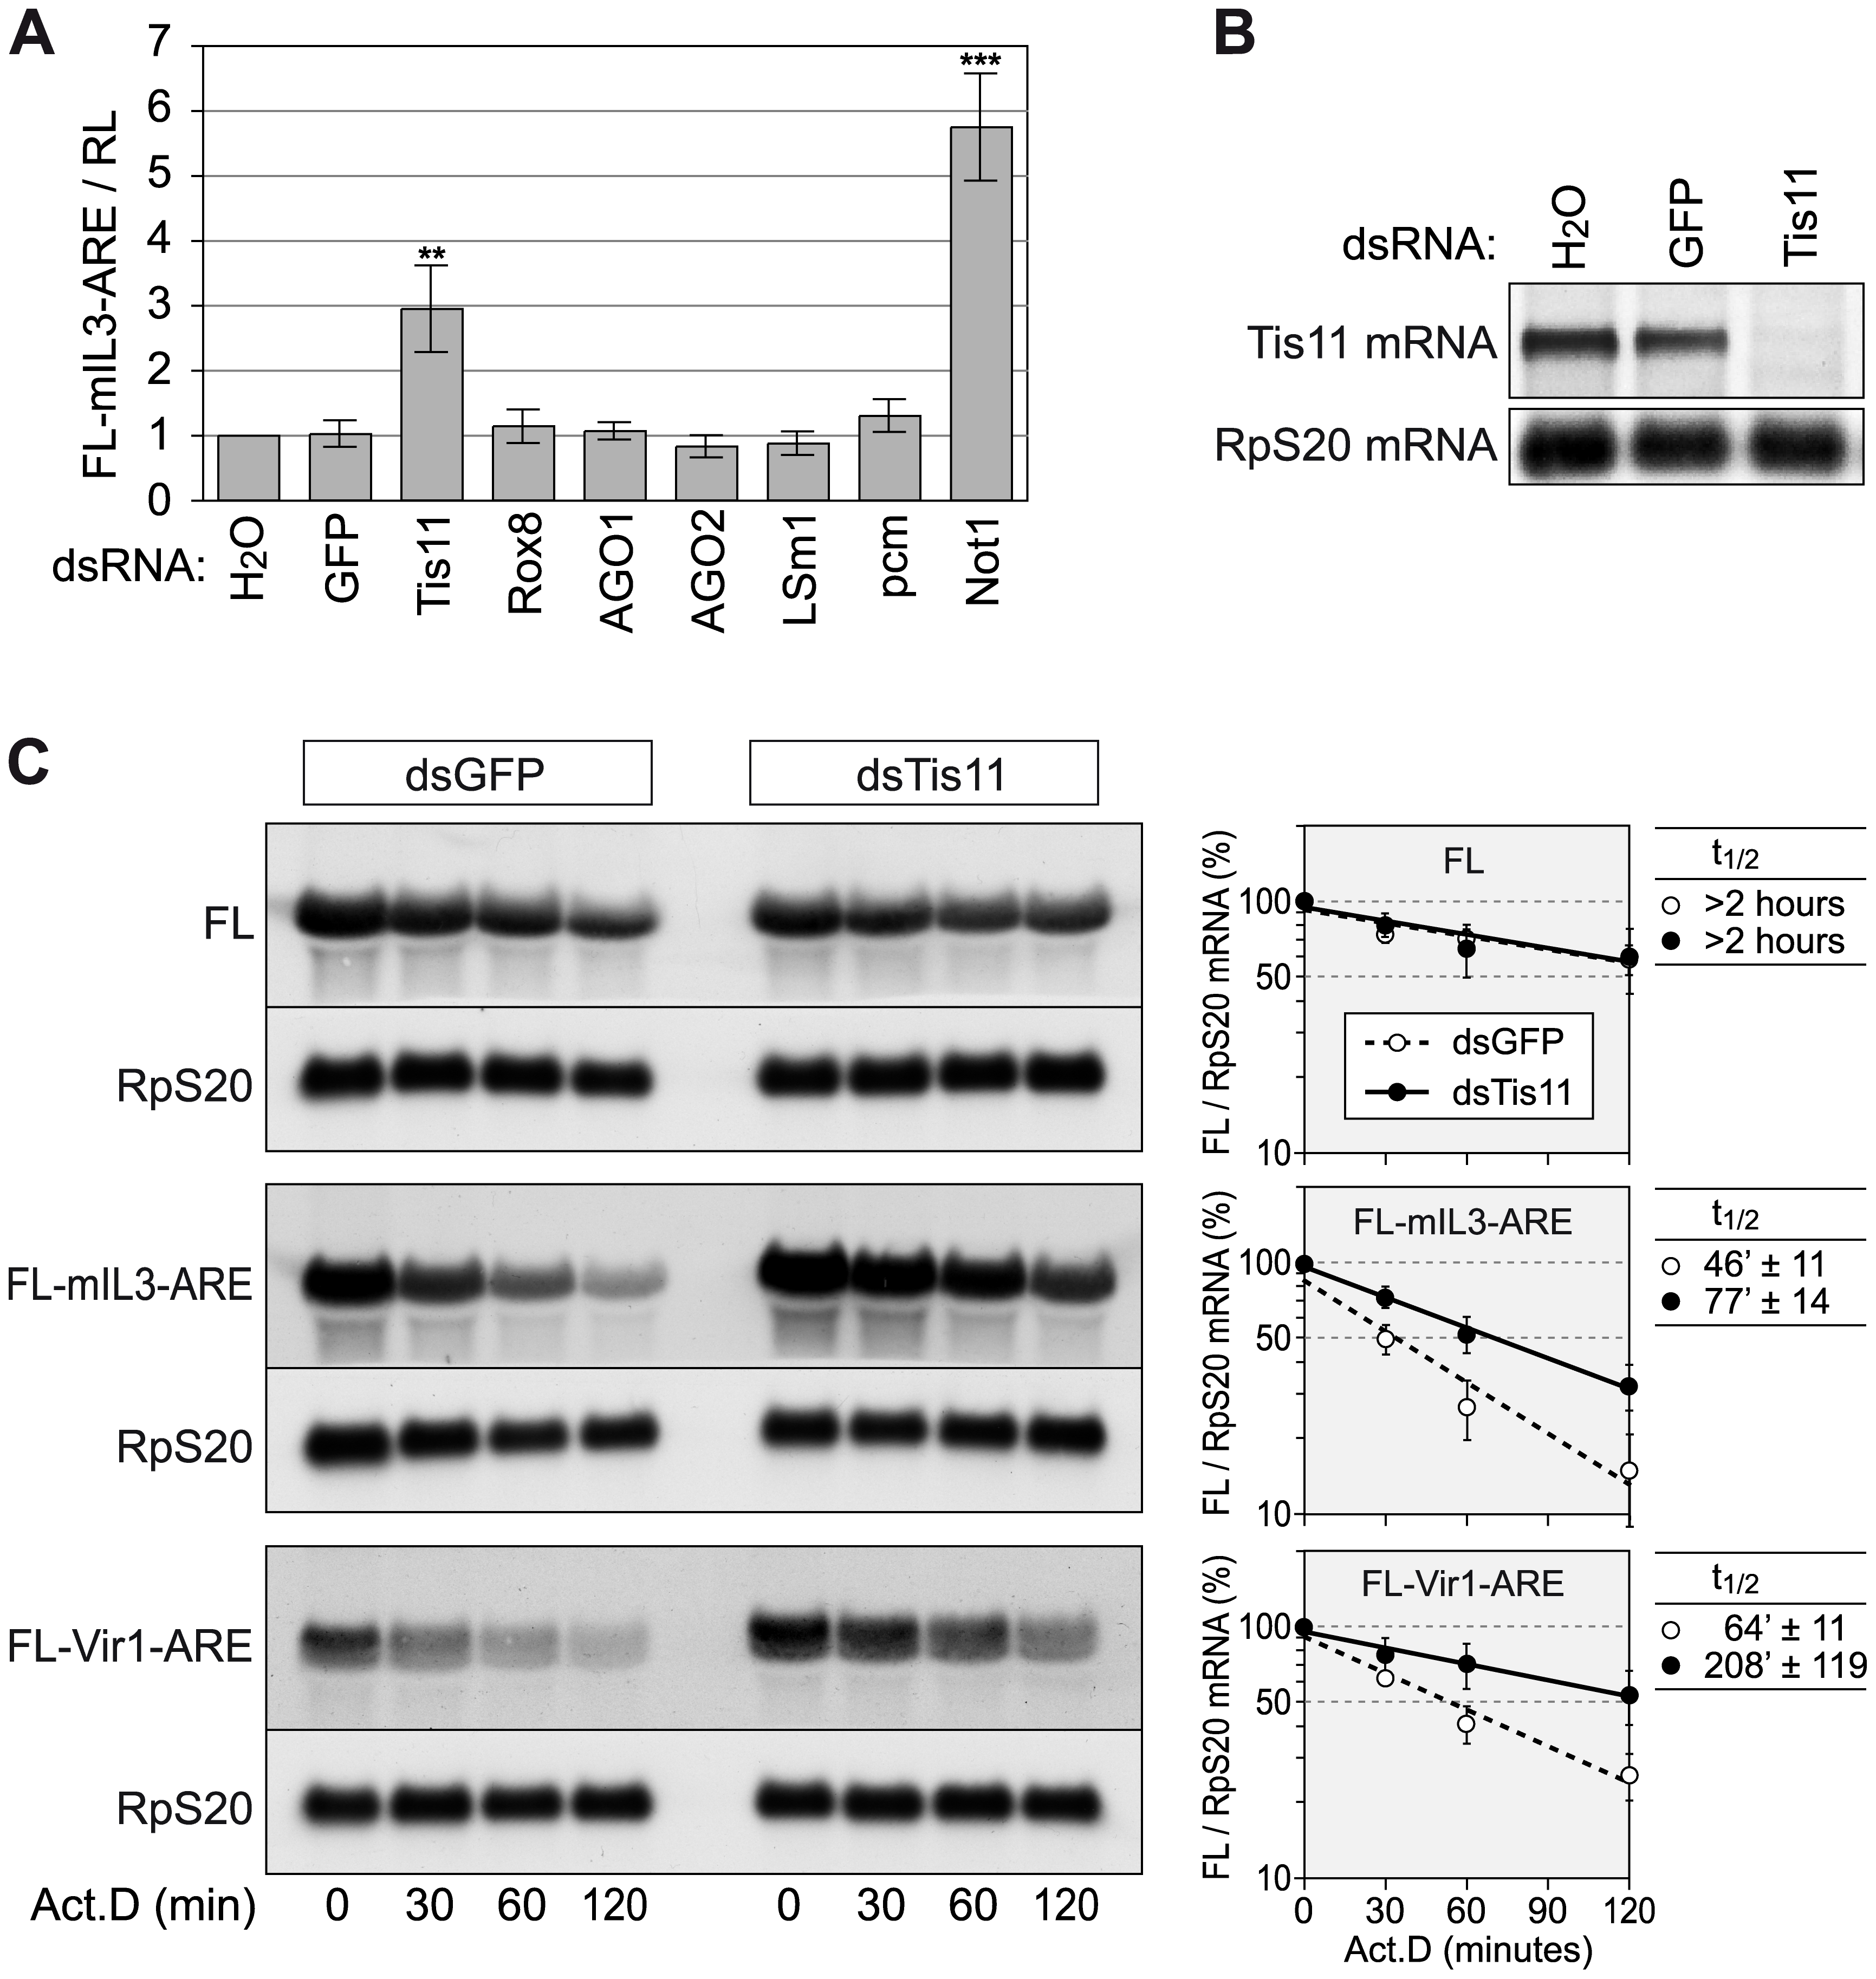 Tis11 mediates rapid mRNA degradation in <i>D. melanogaster</i> SL2 cells.